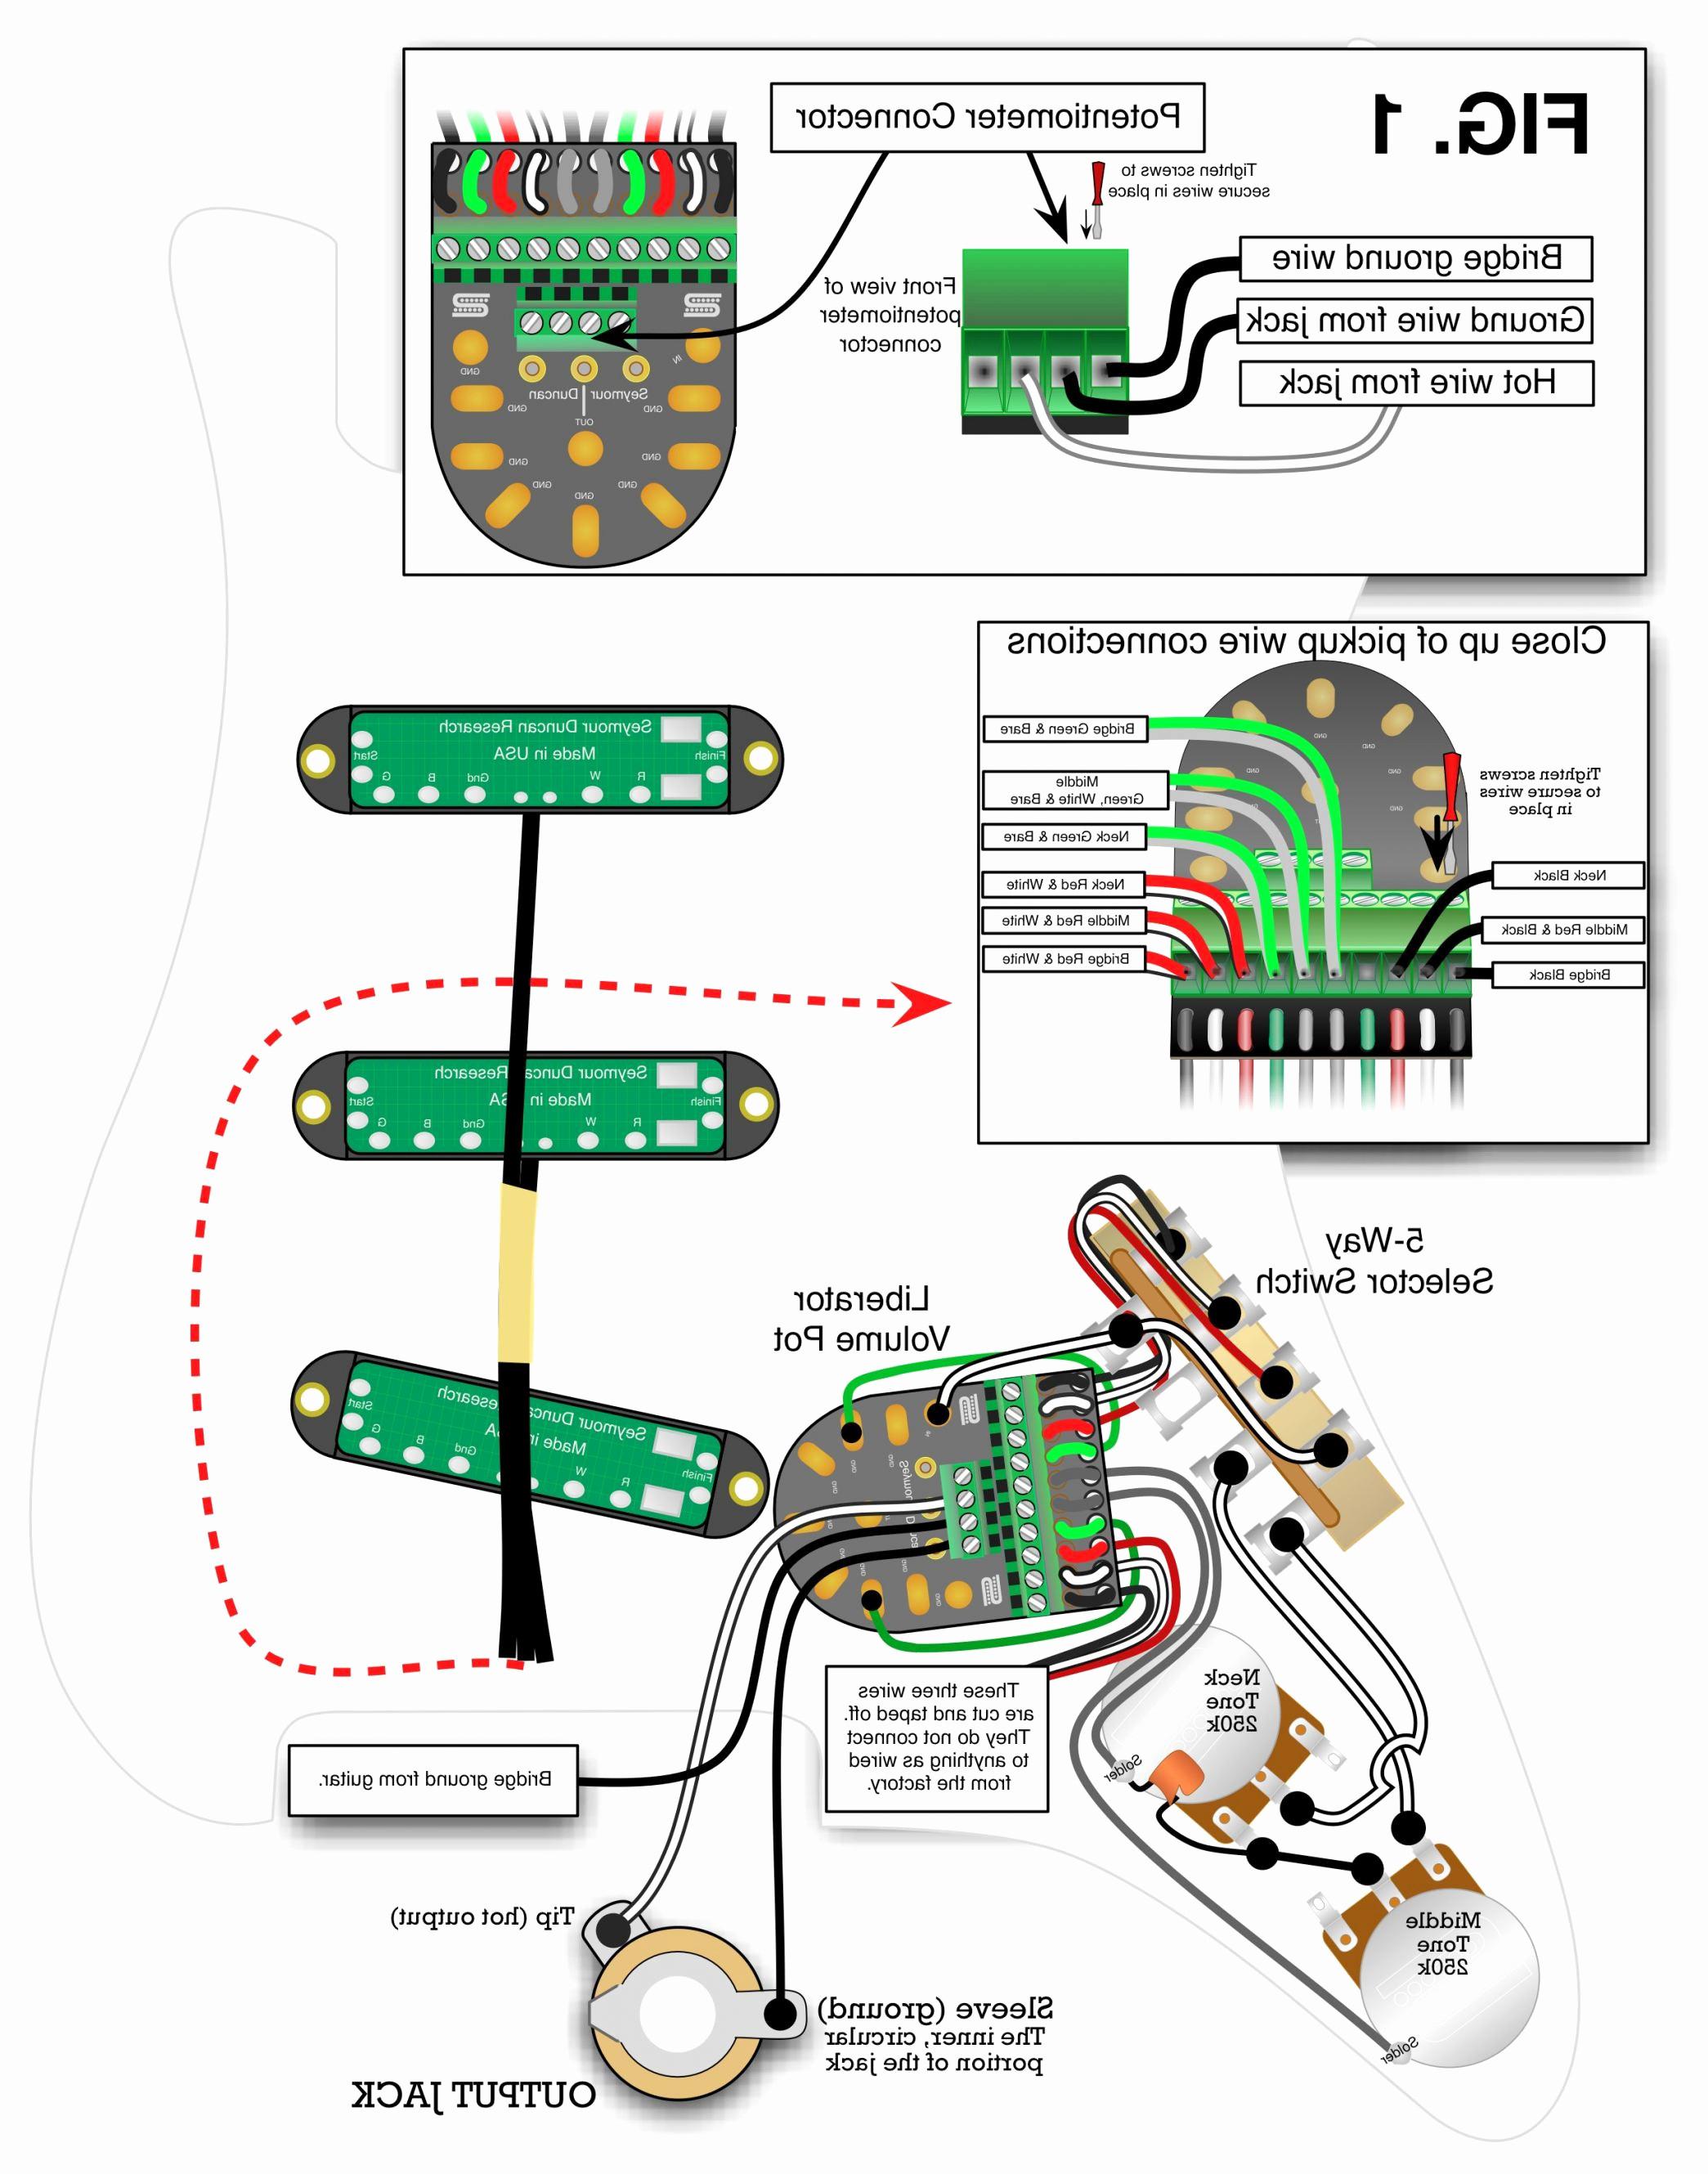 Zing Ear Ze 208S E89885 Wiring Diagram | Wiring Diagram - Zing Ear Ze-208S Wiring Diagram